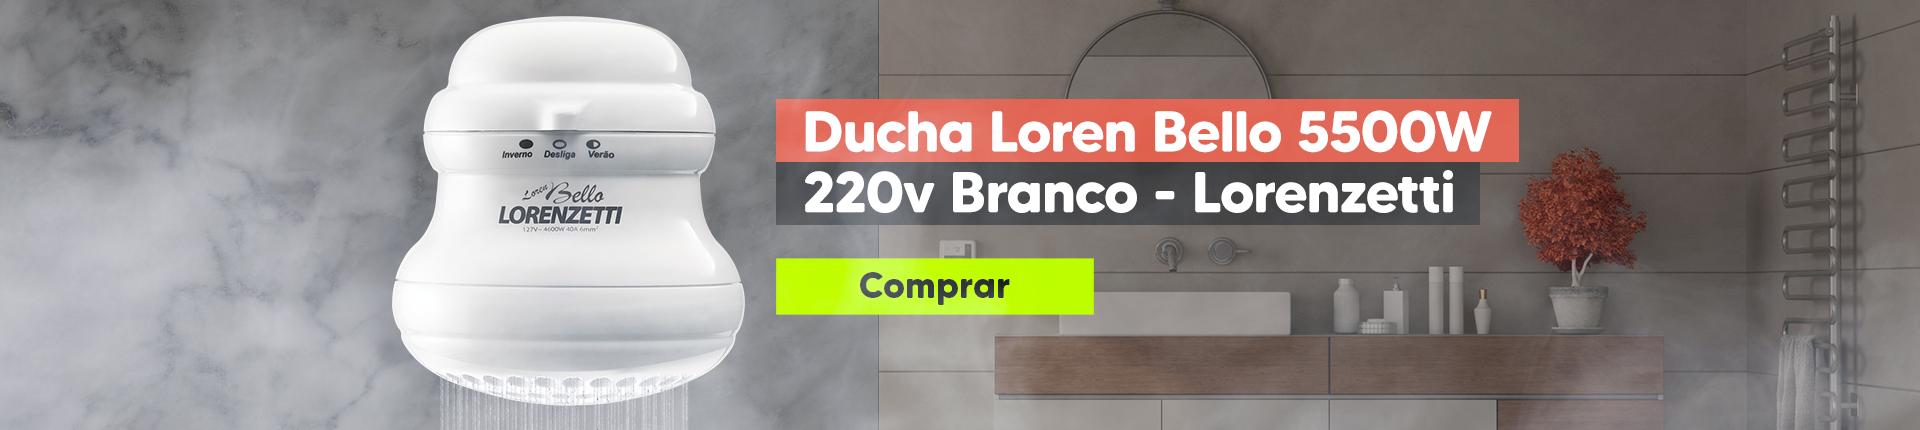 Ducha Loren Bello